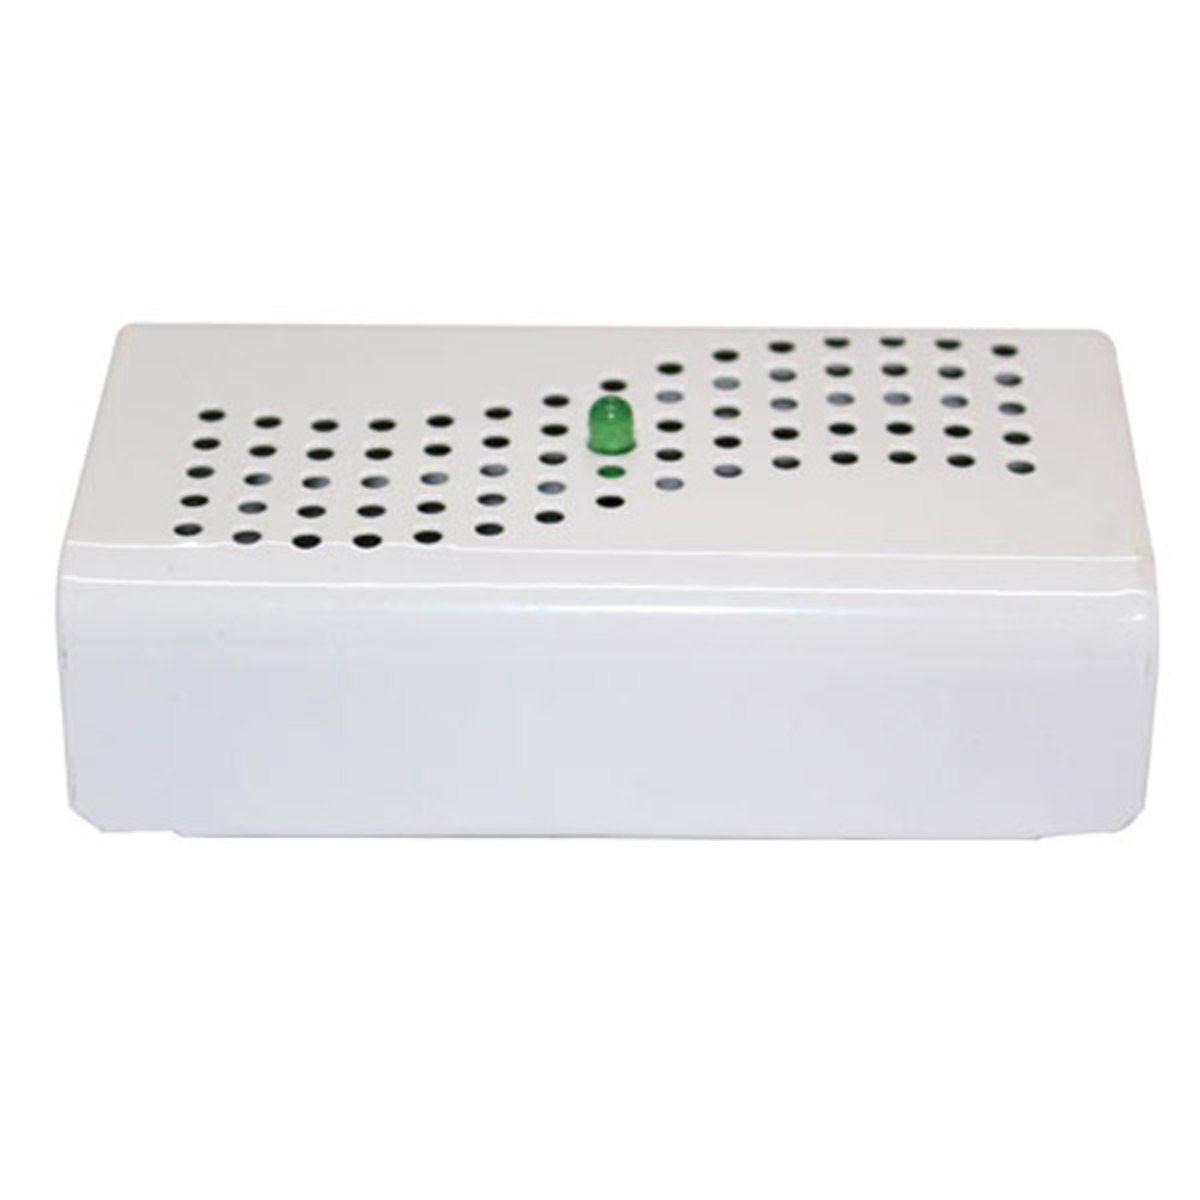 2 Desumidificador Antimofo Eletrônico Anti Ácaro E Fungos - Anti Mofo Branco Capte